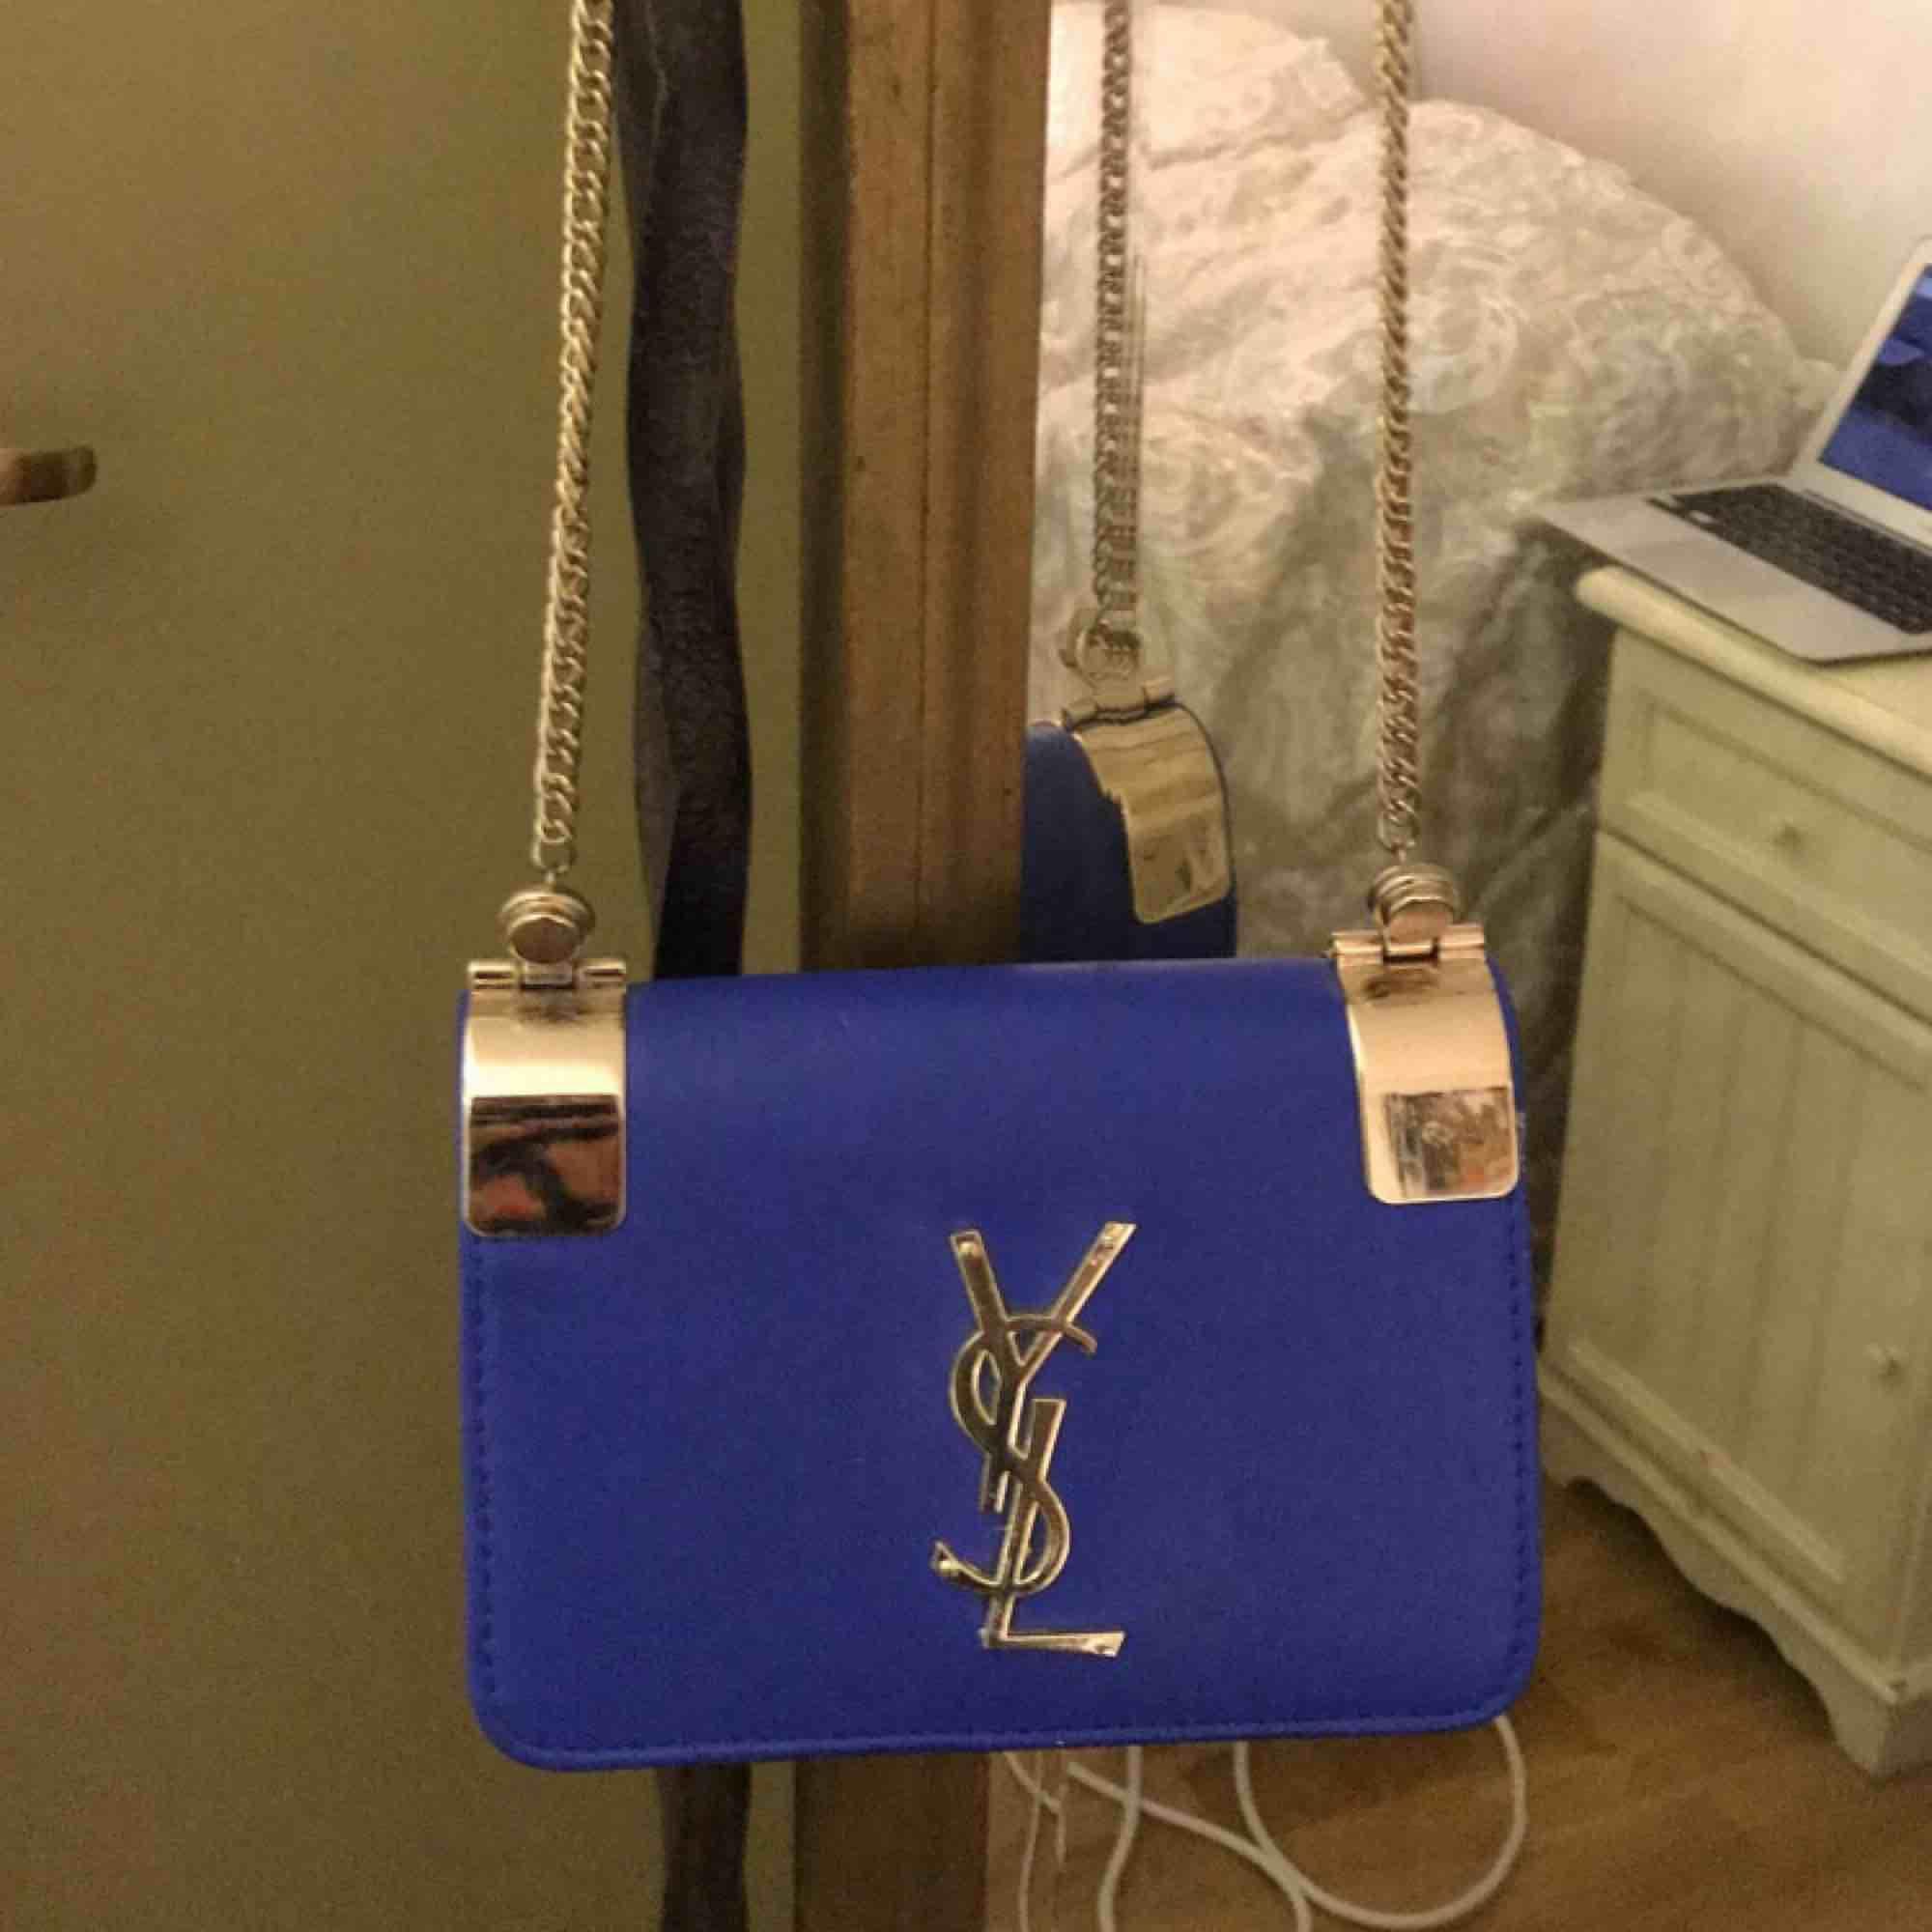 Blå fejk YSL väska köpt från Dubai. Skick:7/10  . Väskor.